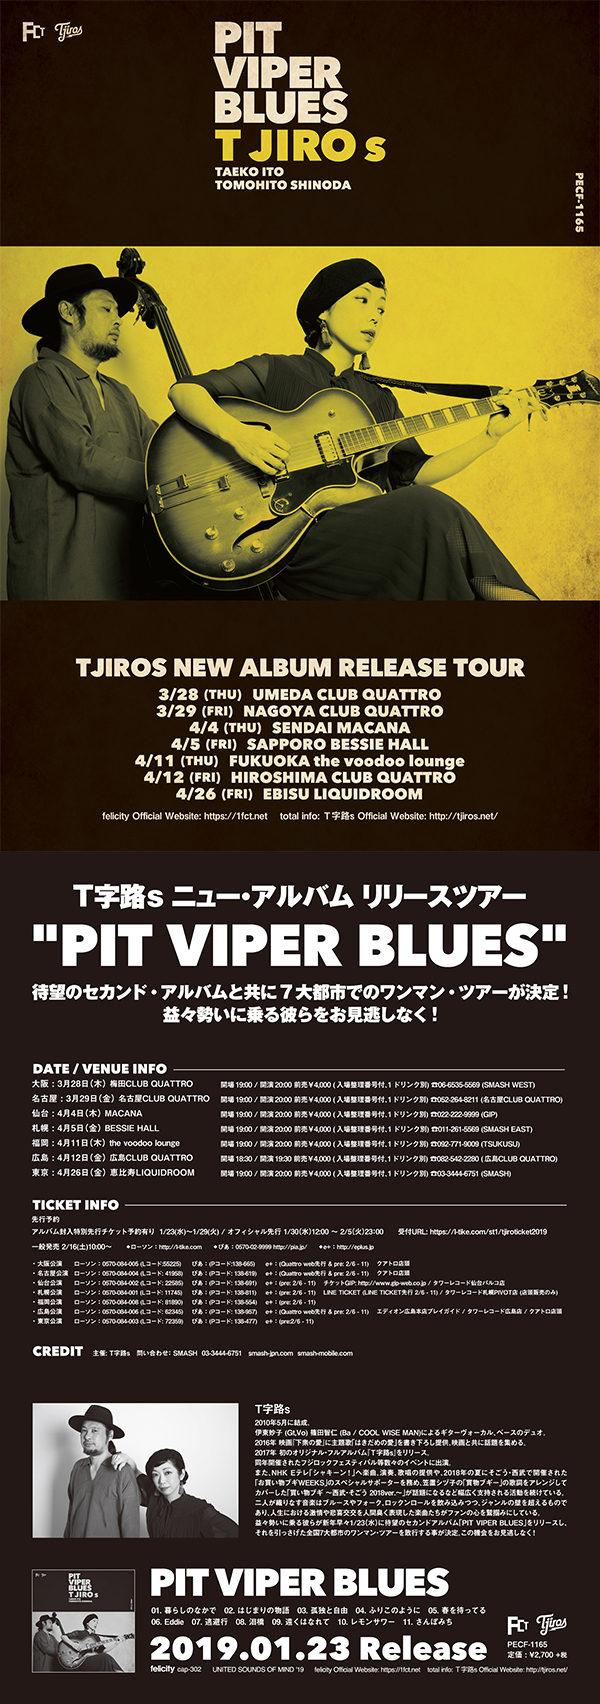 PIT VIPER BLUES Release Tour